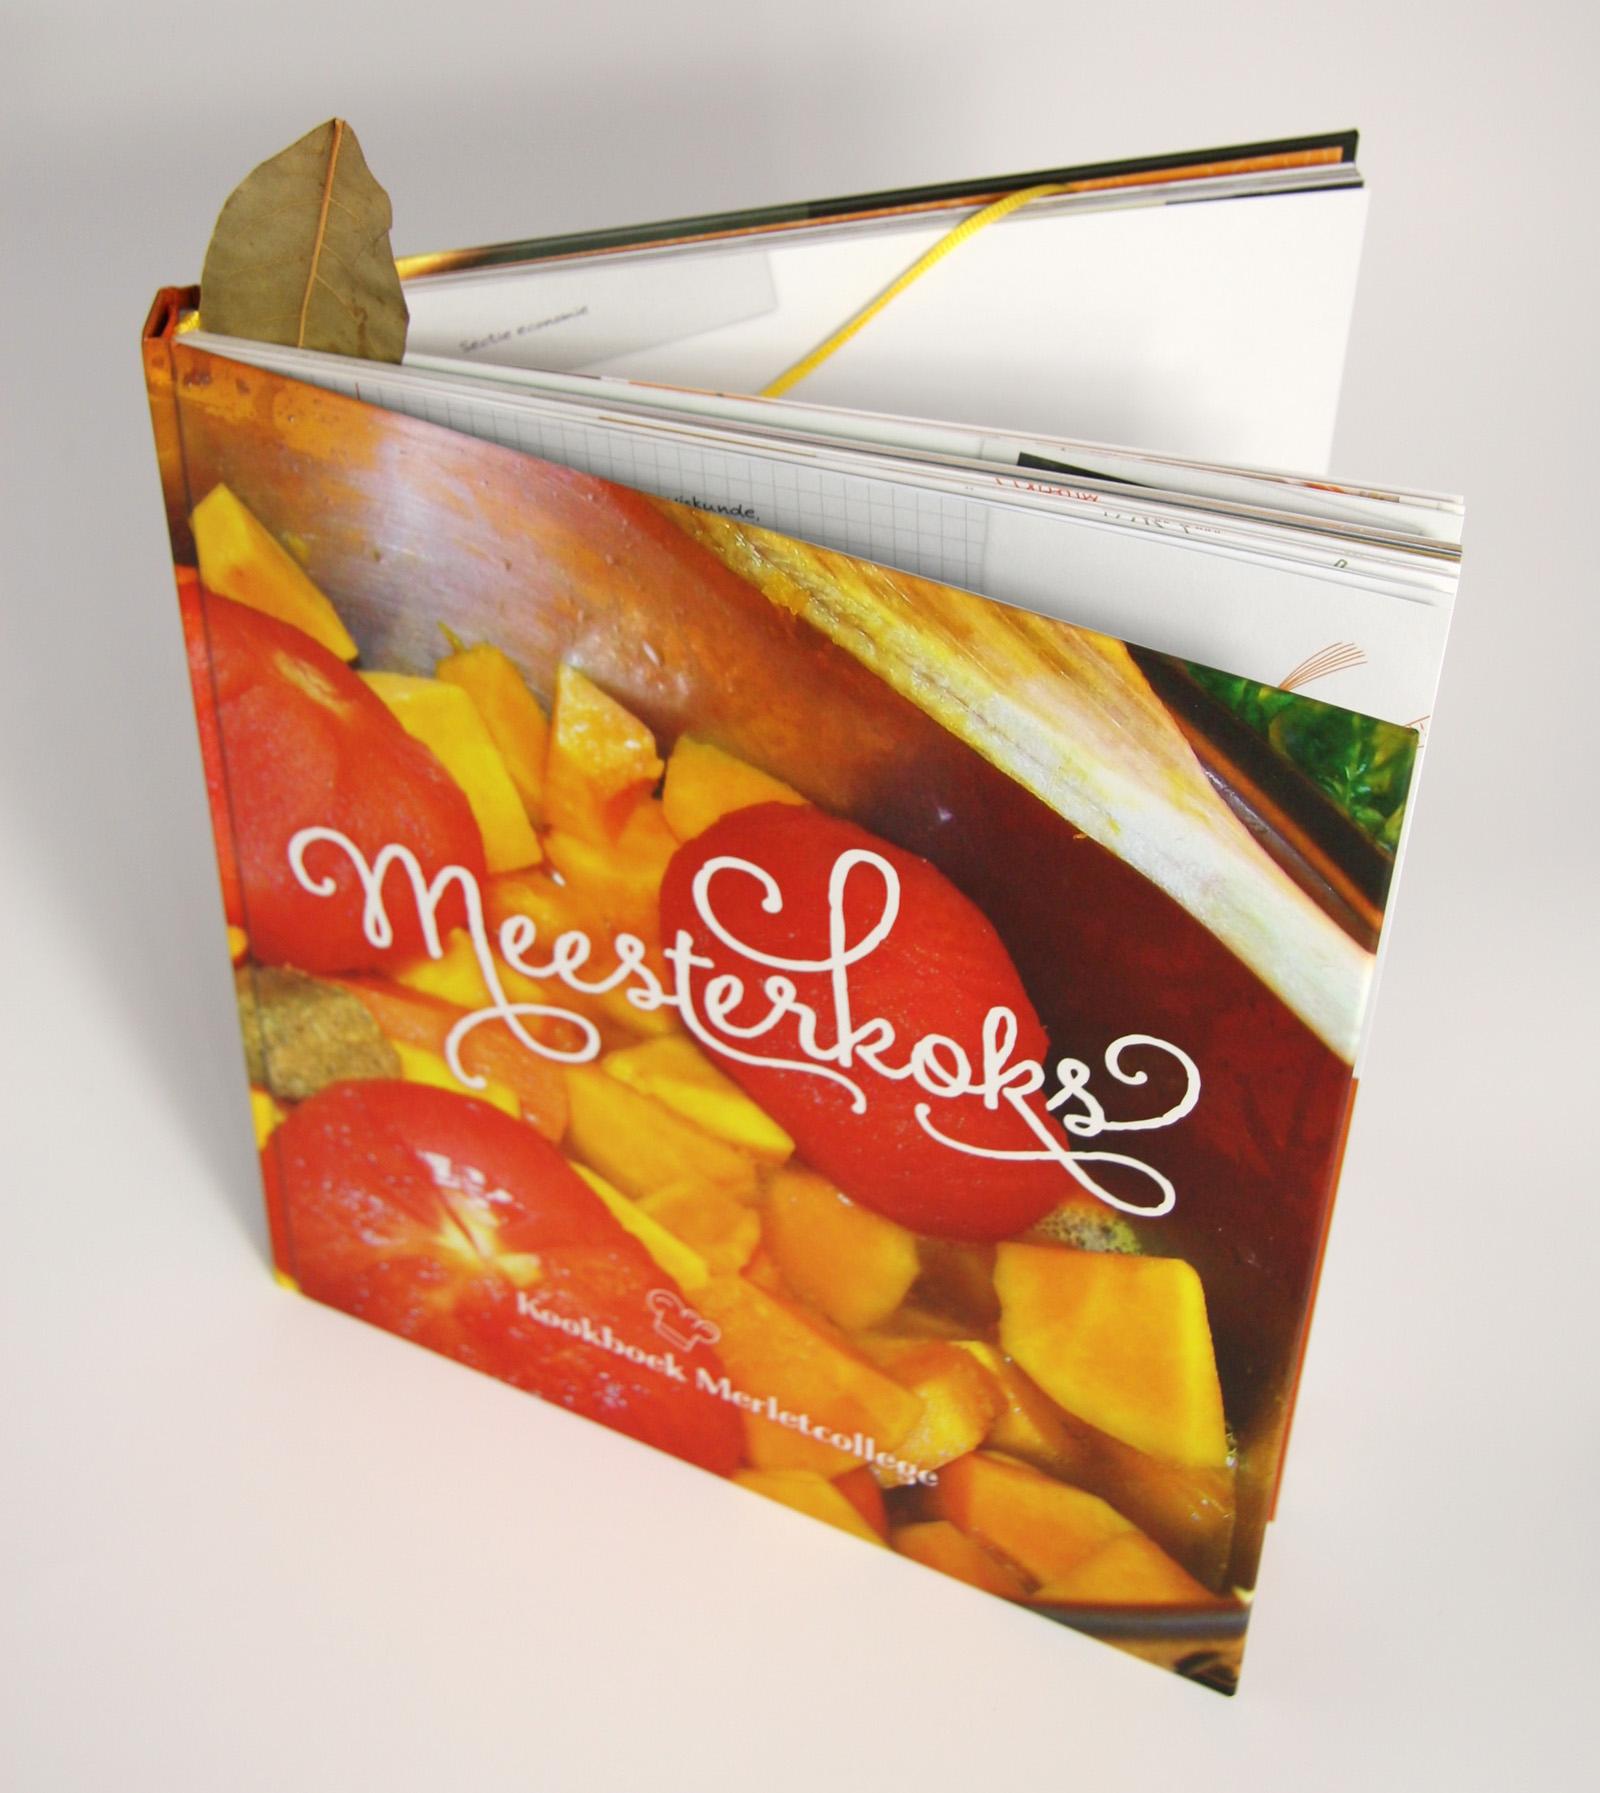 Boek 'Meesterkoks'